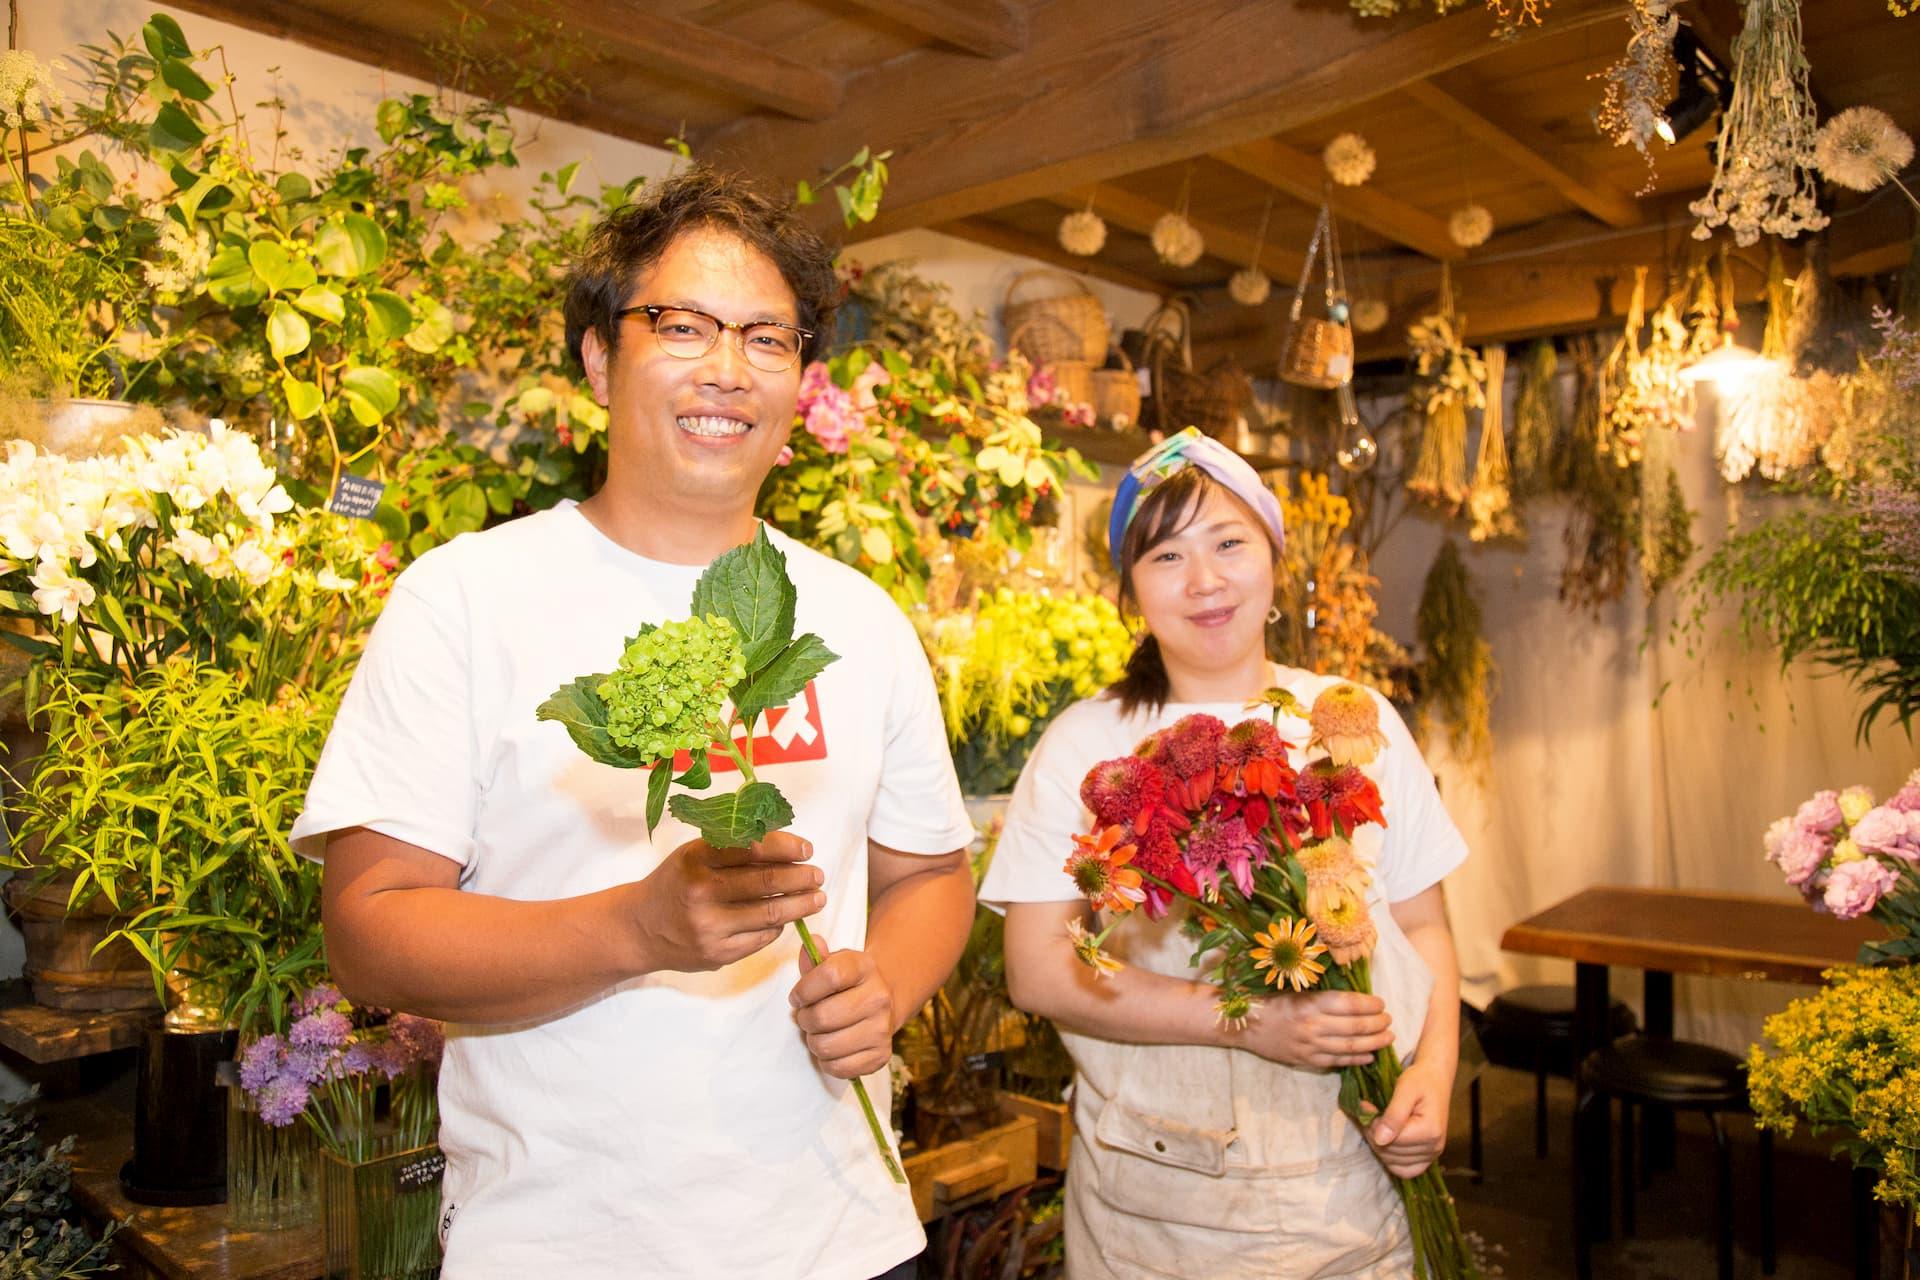 蔵の花屋 コトハ オーナーの滝島 聡(たきしま さとし)さんと店長の浅井祐子(あさい ゆうこ)さん